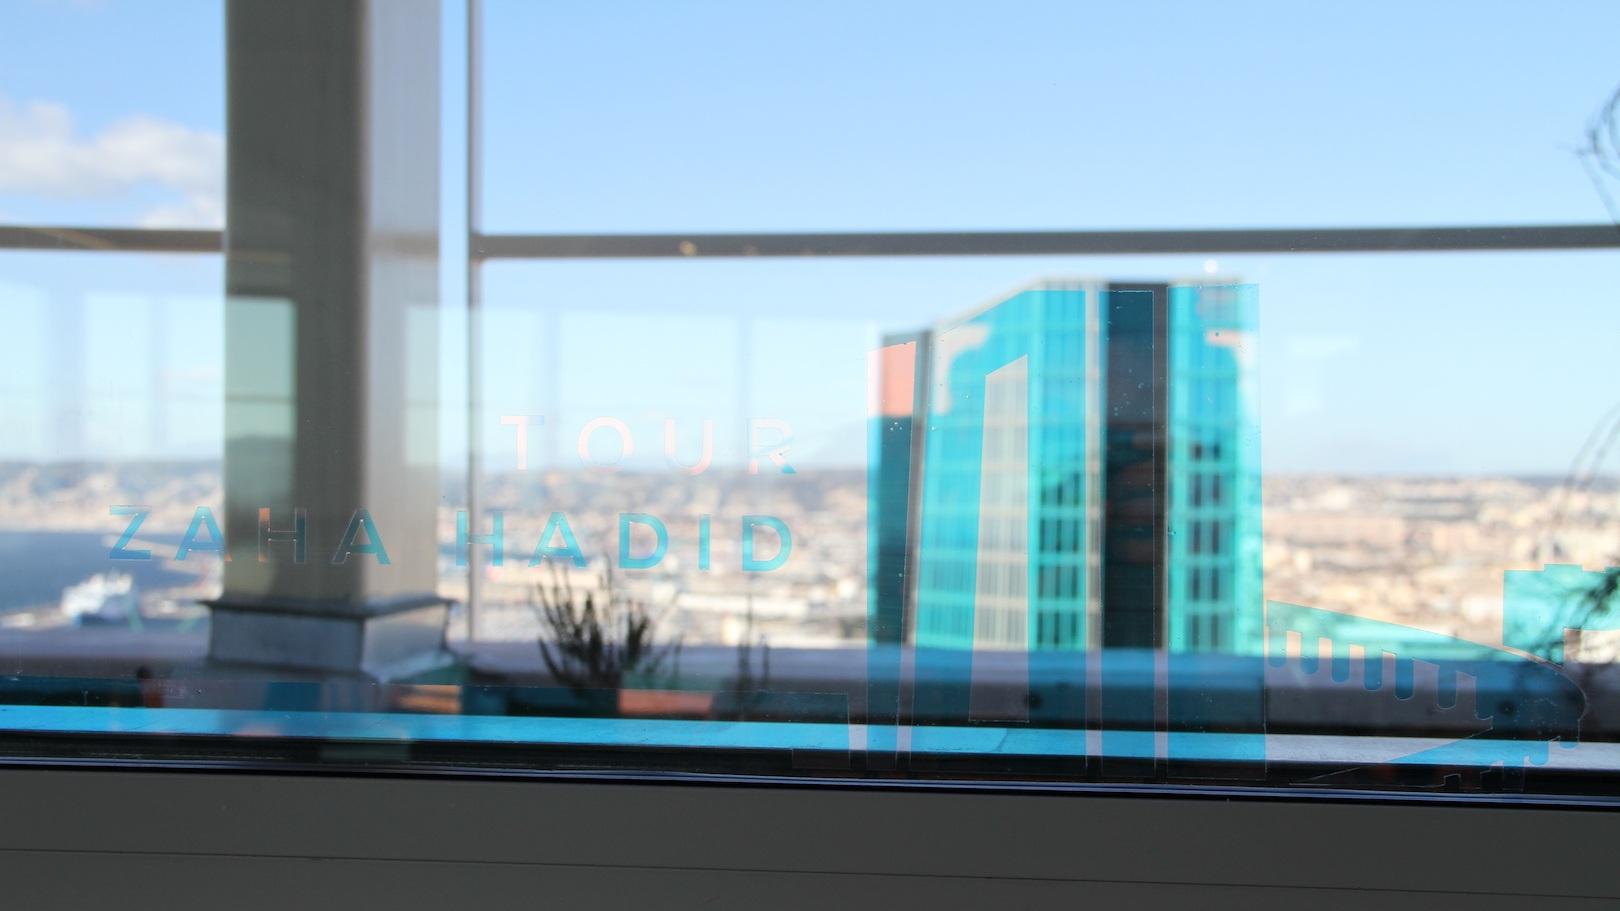 Superposition du sticker par rapport au bâtiment en fonction de l'angle de vue